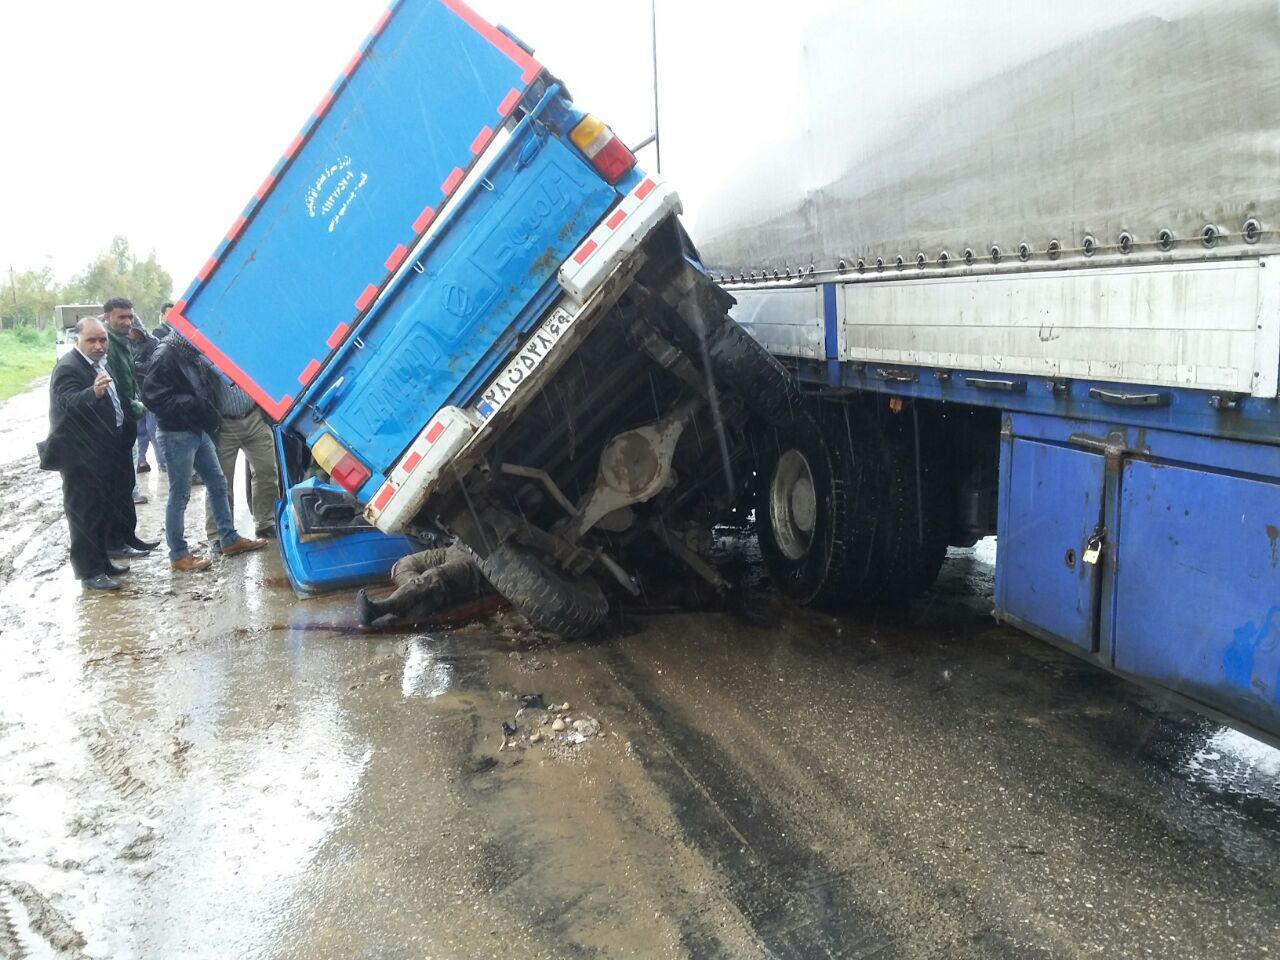 برخورد مرگبار نیسان و کامیون + تصاویر (+18)